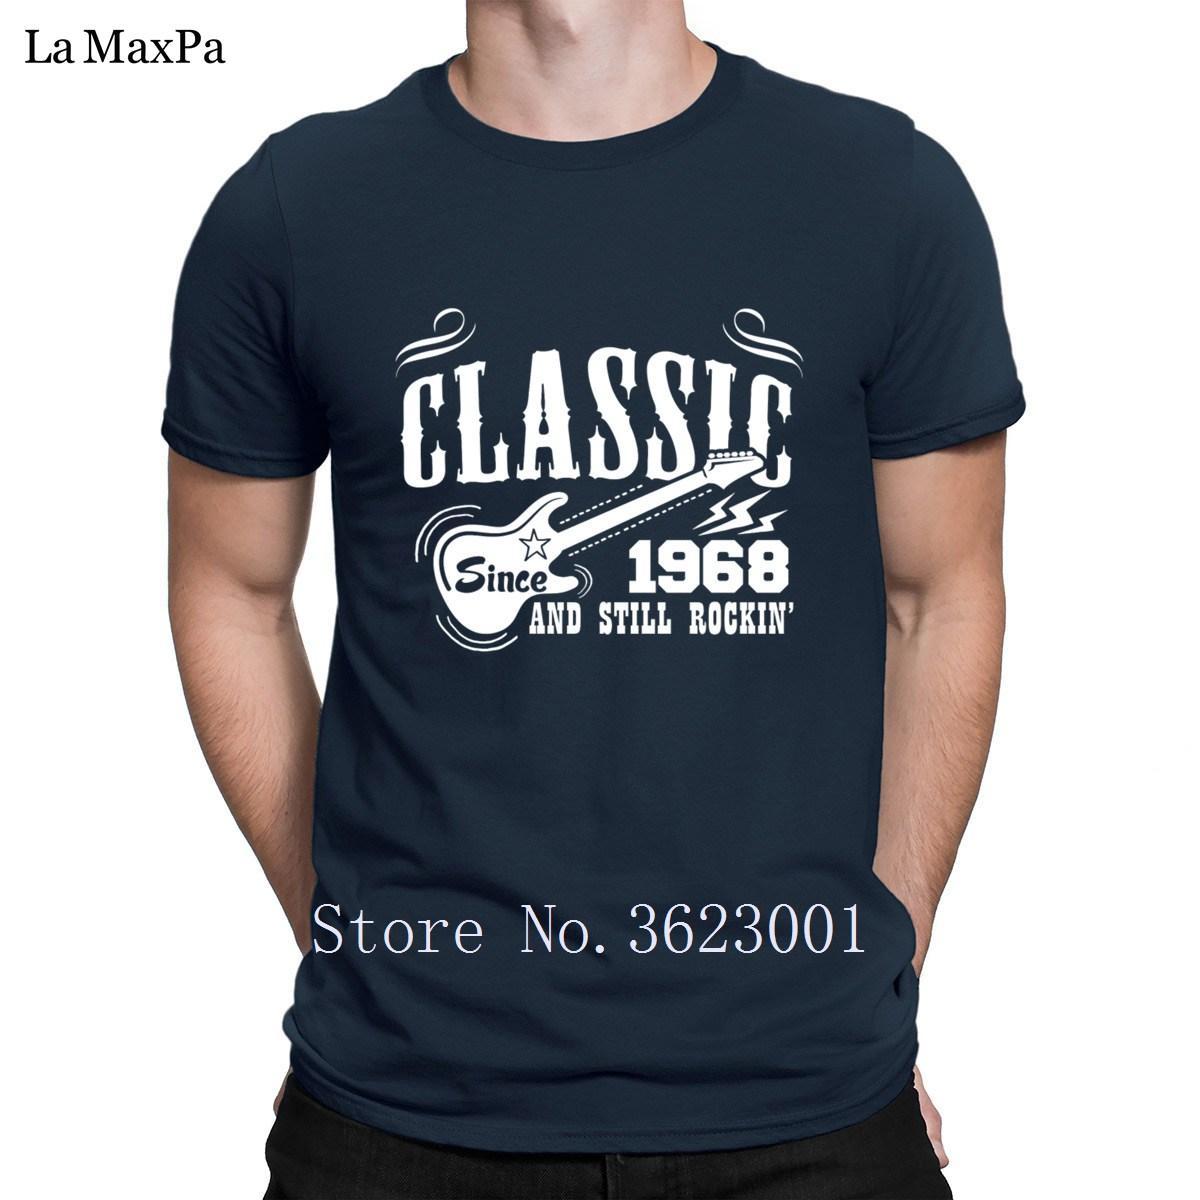 Stampato tempo libero T shirt Uomo classica dal 1968 ed ancora delle magliette Rockin da uomo maschio Funky per gli uomini formato del regalo più